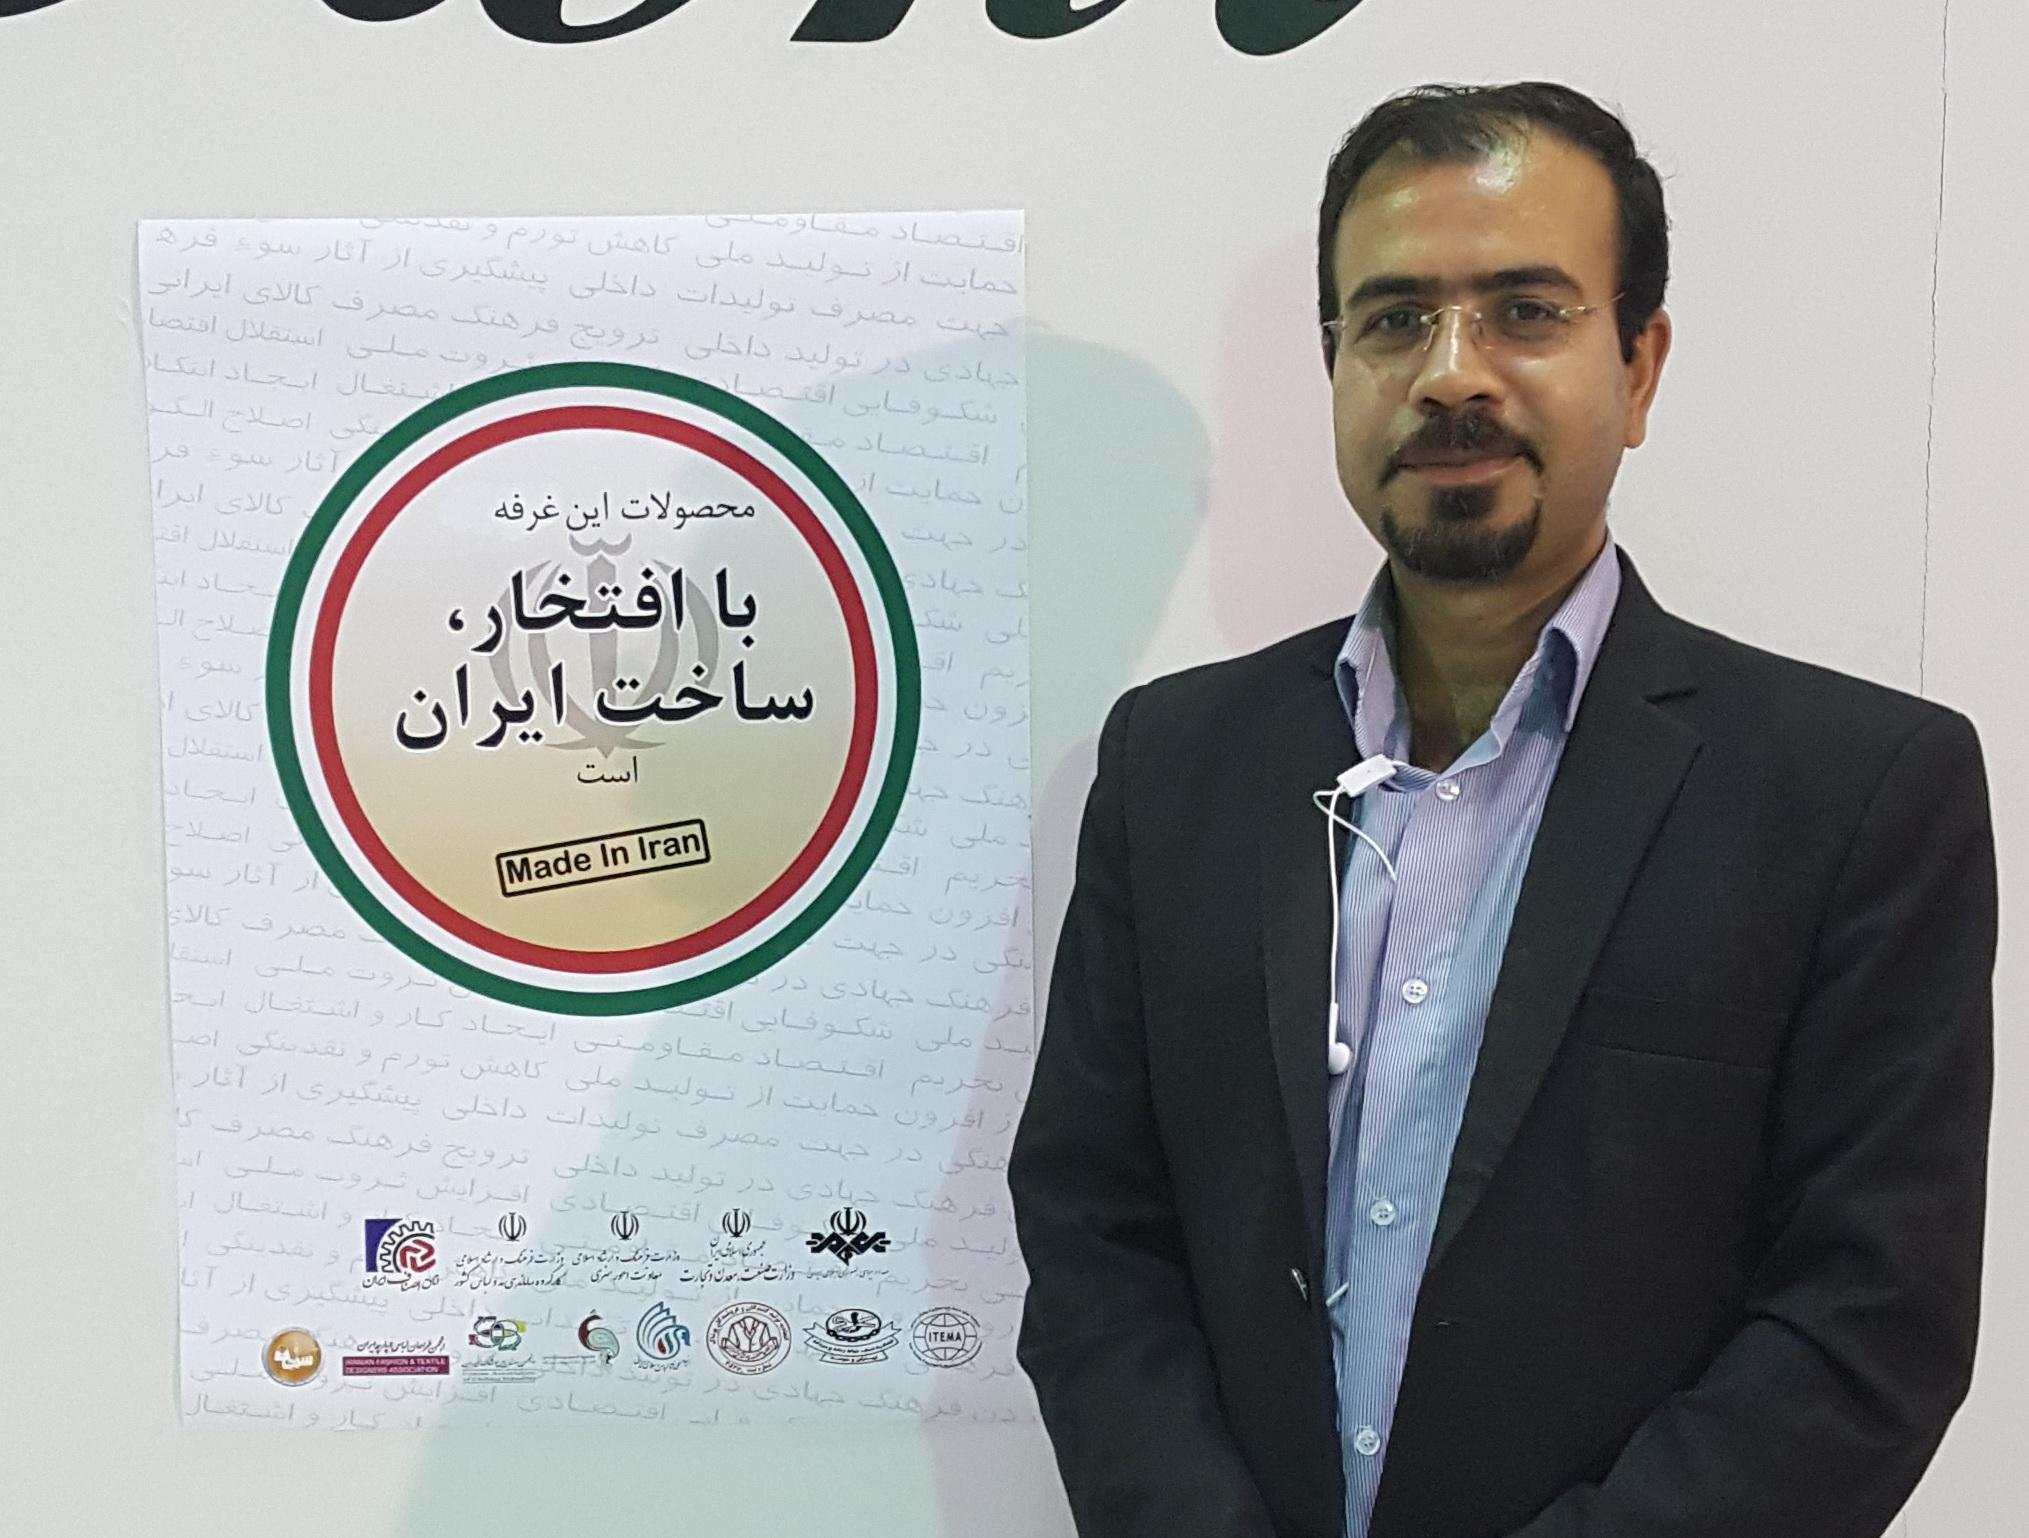 Photo of آموزش و مشاوره در شرکت های تولیدی خدماتی صنعتی، استاد علی خویه